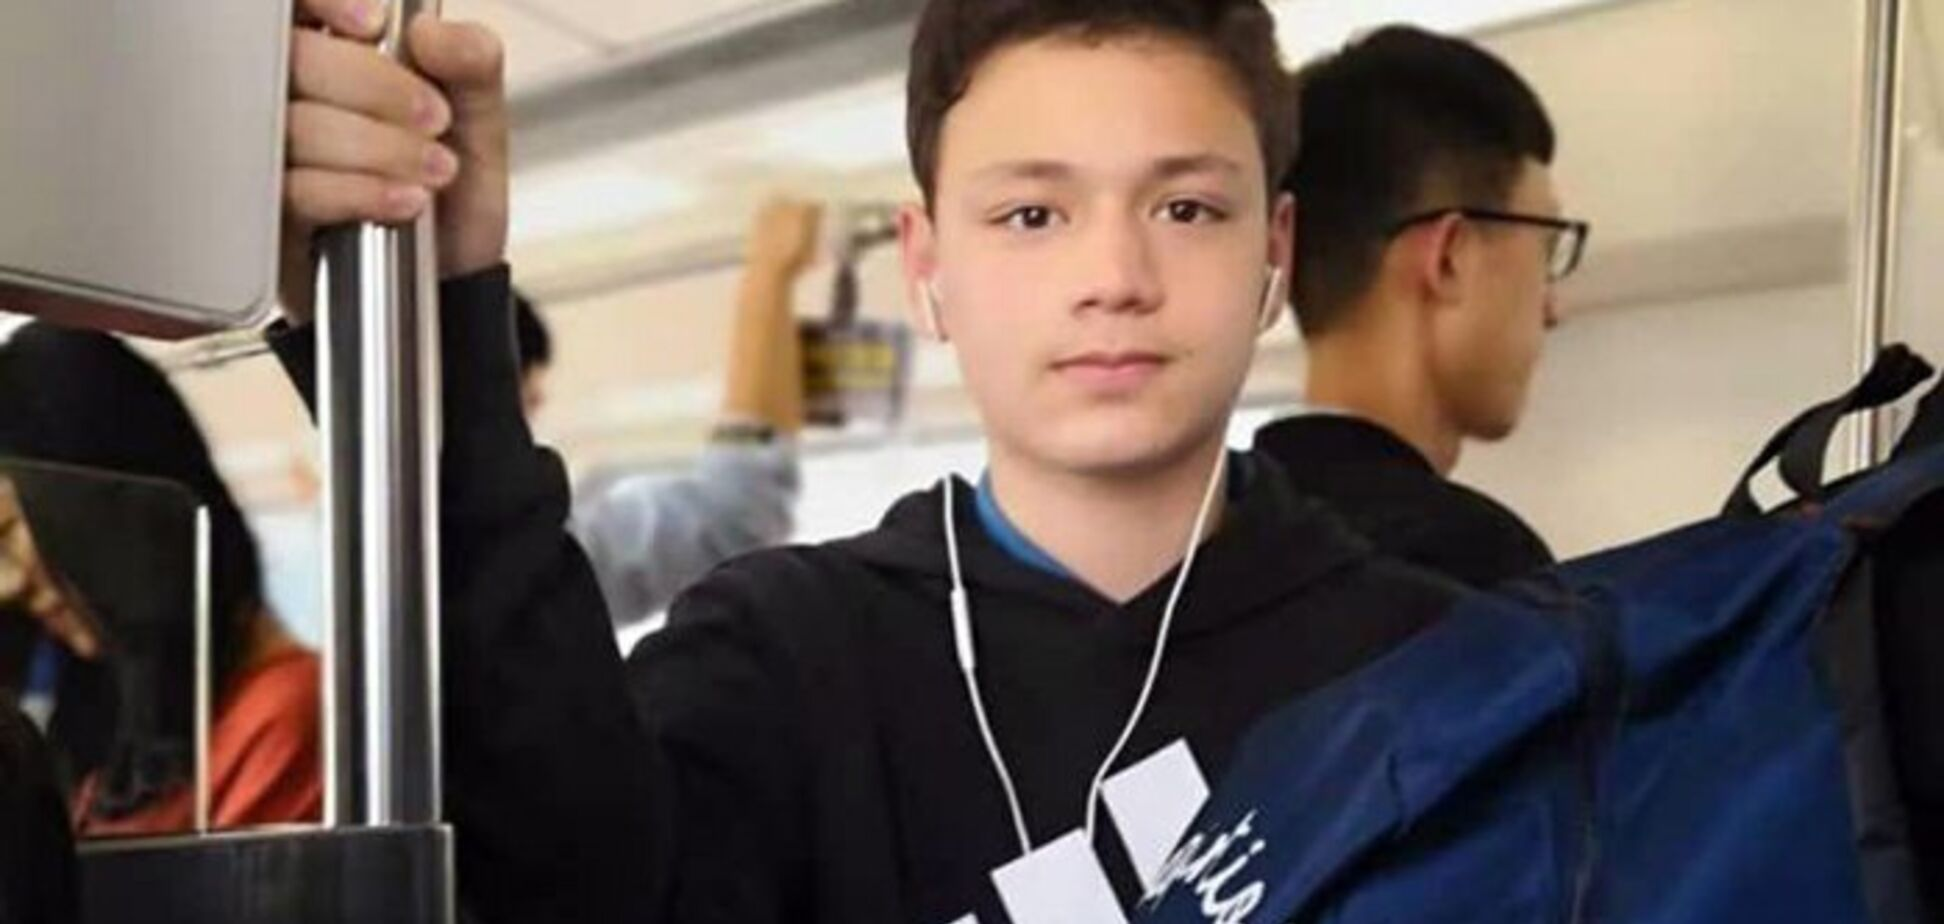 'Вы подписали смертный приговор!' Появились новые детали суицида 13-летнего украинца в Китае